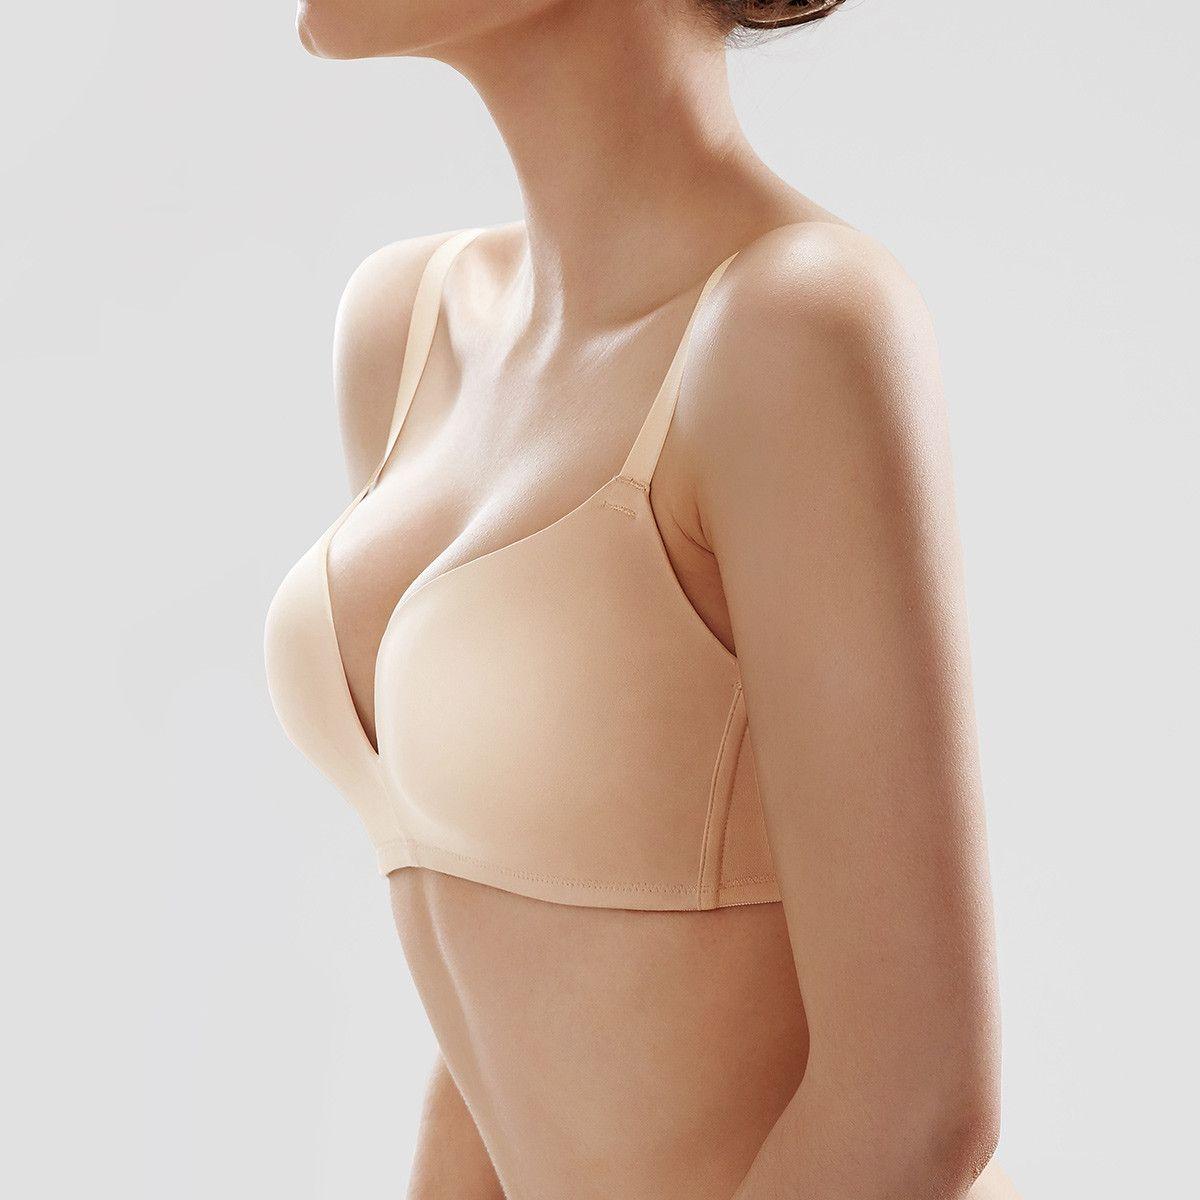 調整型石磨稀無鋼圈內衣透氣超薄蕾絲大胸顯小文胸大碼性感舒適聚攏胸罩